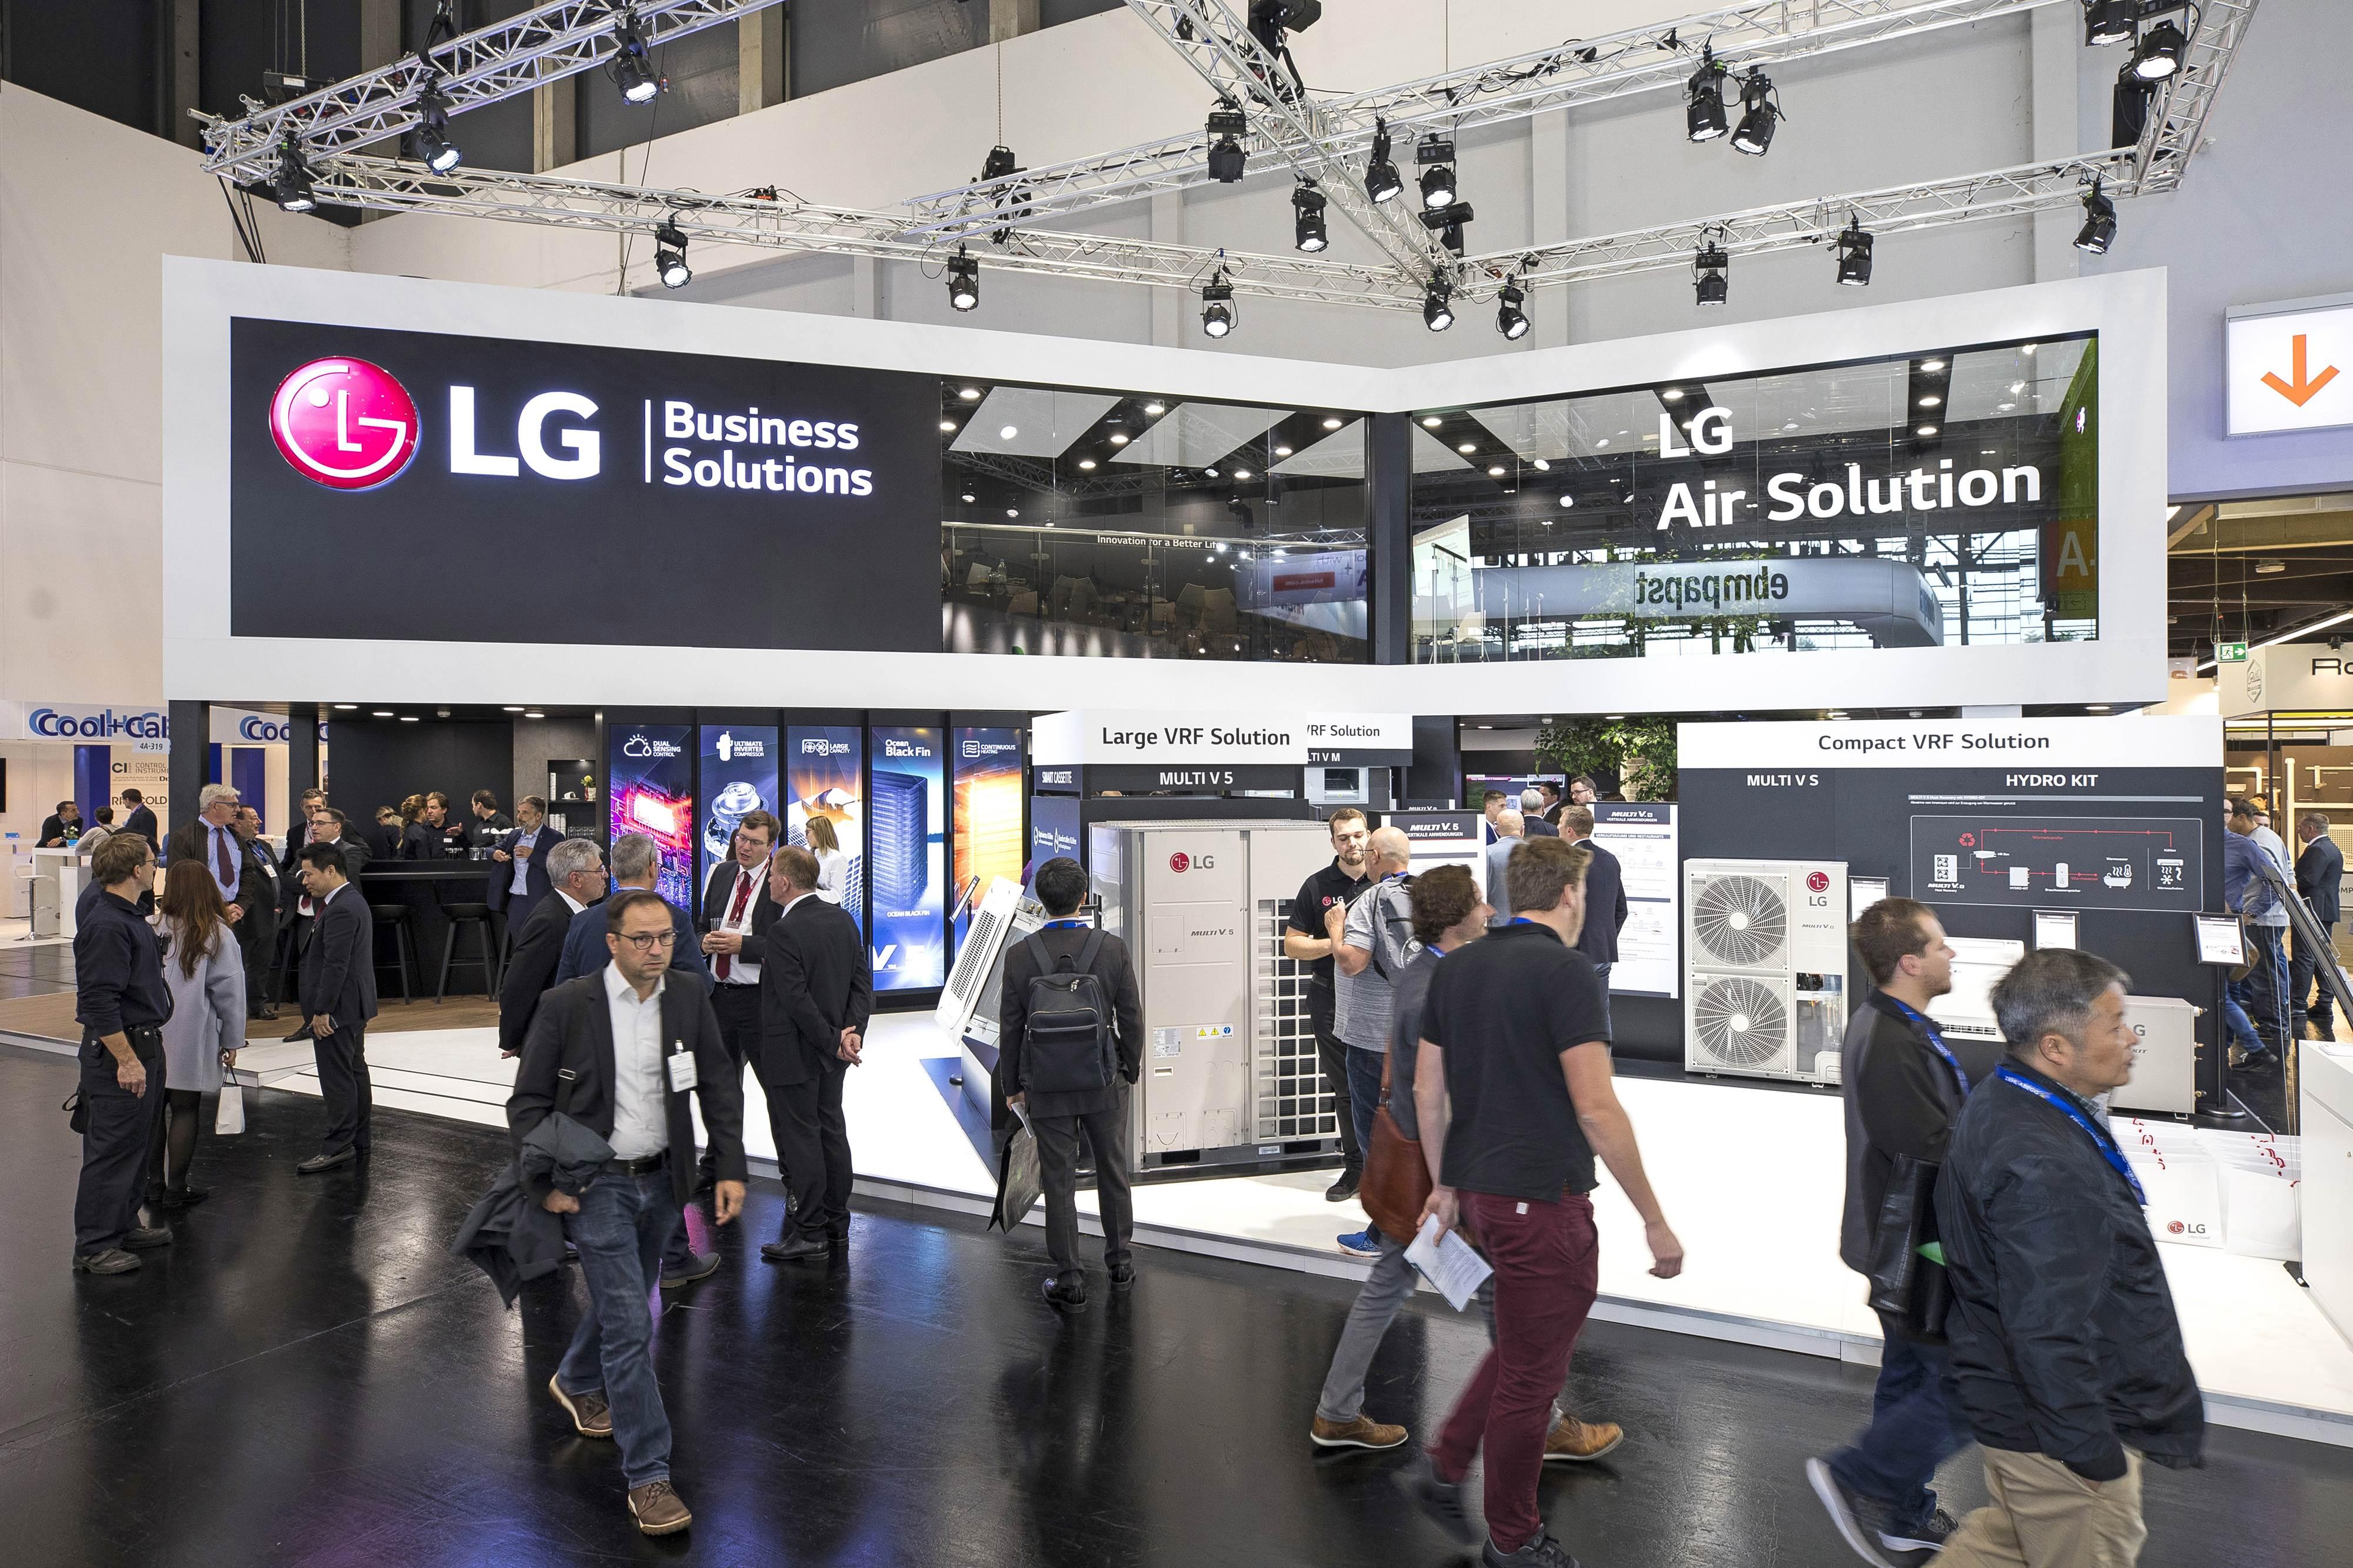 LG전자가 독일 뉘른베르크에서 16일부터 18일까지 열리는 공조 전시회 '칠벤타(Chillventa) 2018'에 참가했다. LG전자는 이번 전시회에서 친환경·고효율 냉난방 솔루션뿐 아니라 고객이 공조 시스템을 효율적으로 설계하고 운영할 수 있도록 도와주는 솔루션과 공조 제품의 핵심부품인 고효율 컴프레서도 함께 소개했다. 사진은 관람객들로 북적이는 LG전자 전시관.